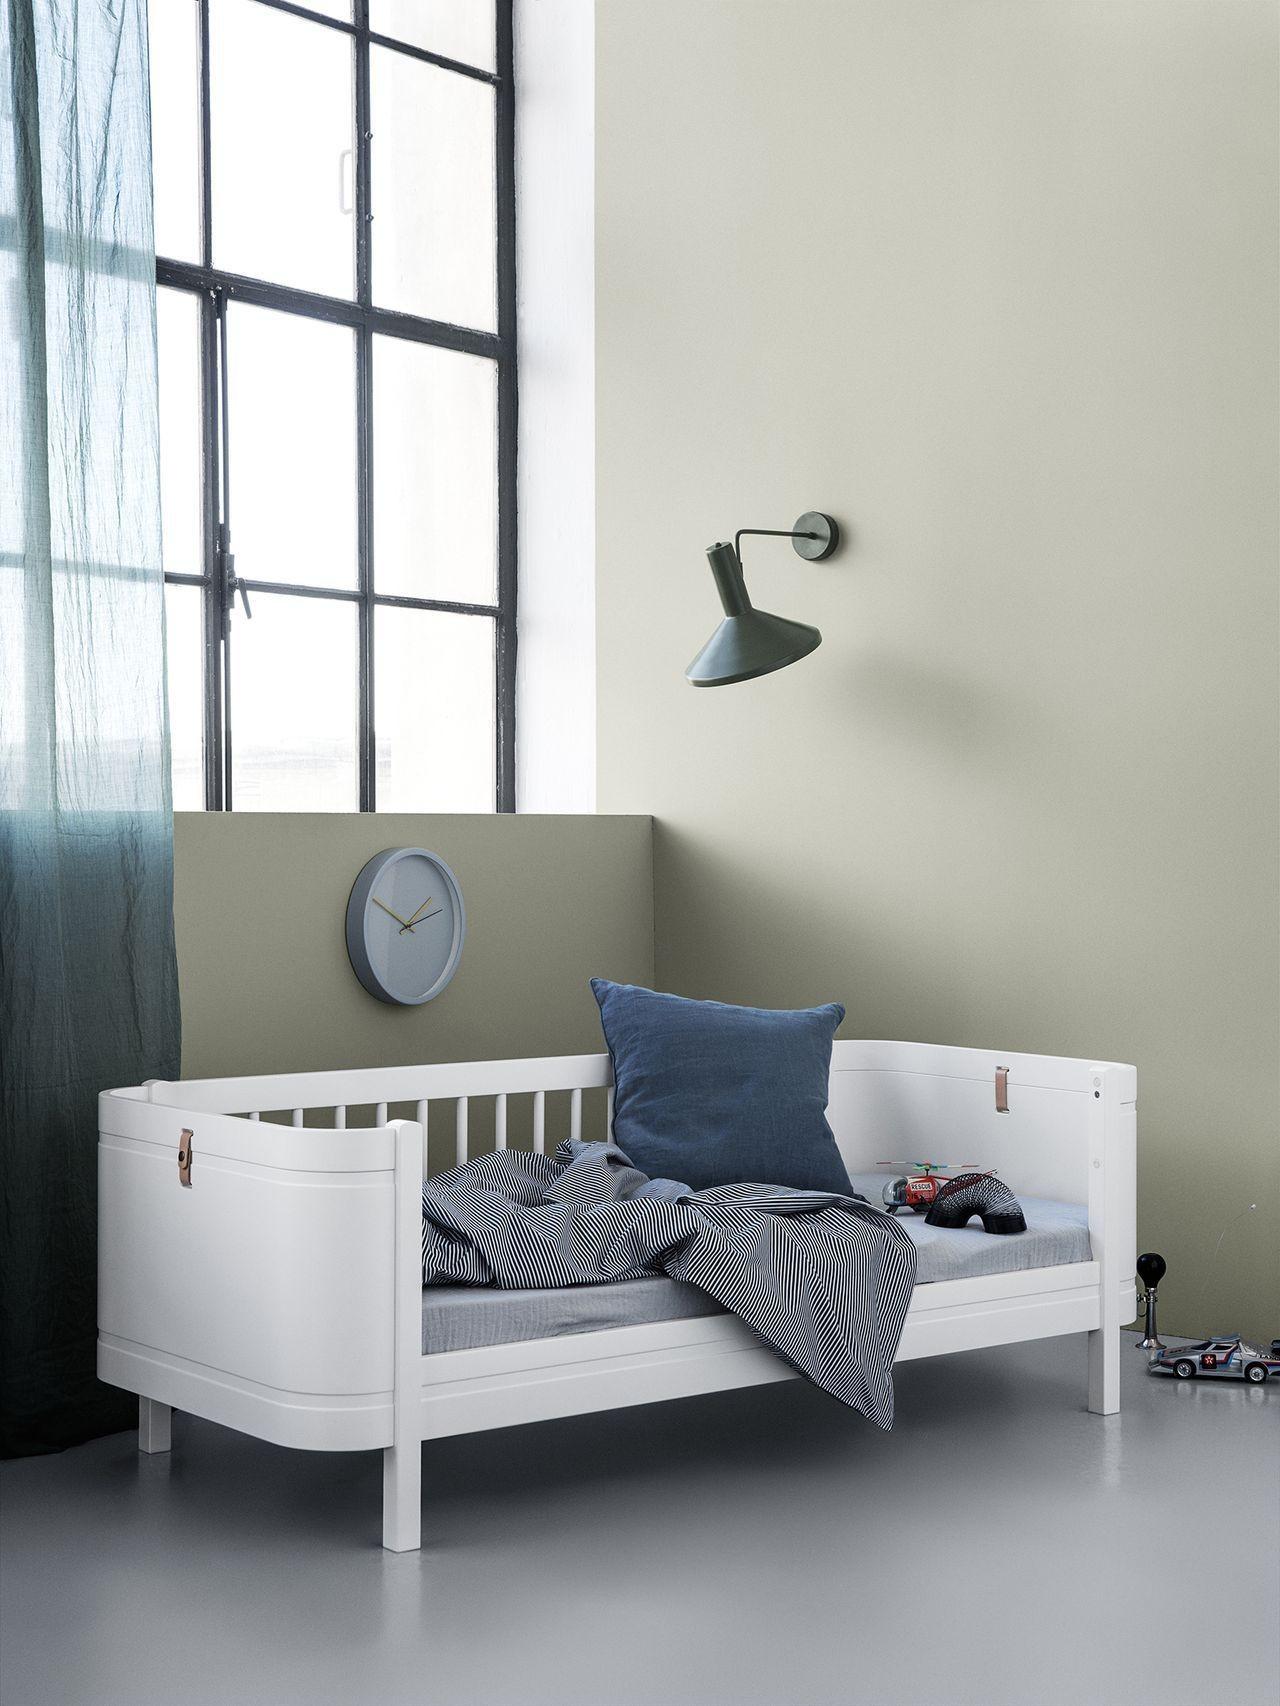 Oliver Furniture Wood Mini+ Juniorbett kaufen - Kleine Fabriek